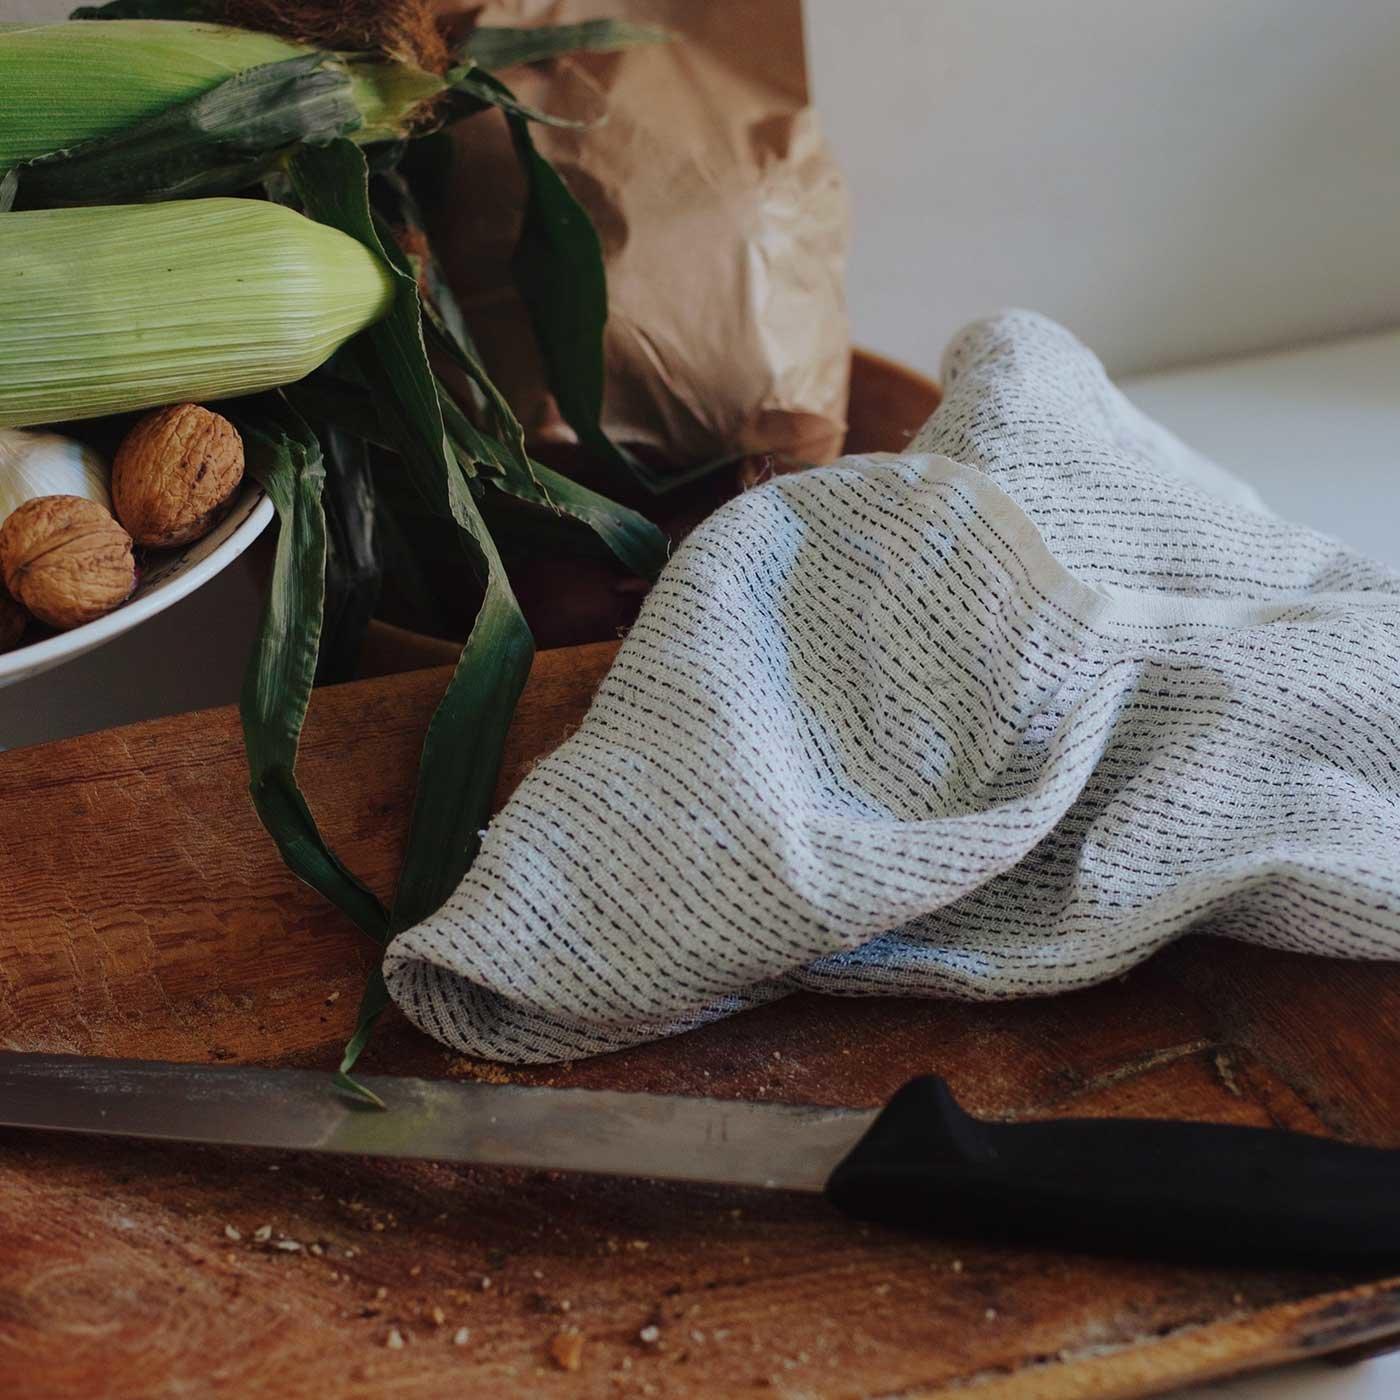 デンマークのテキスタイルデザイナーがつくった日常遣いできる麻のキッチンクロス/カリン・カーランダー